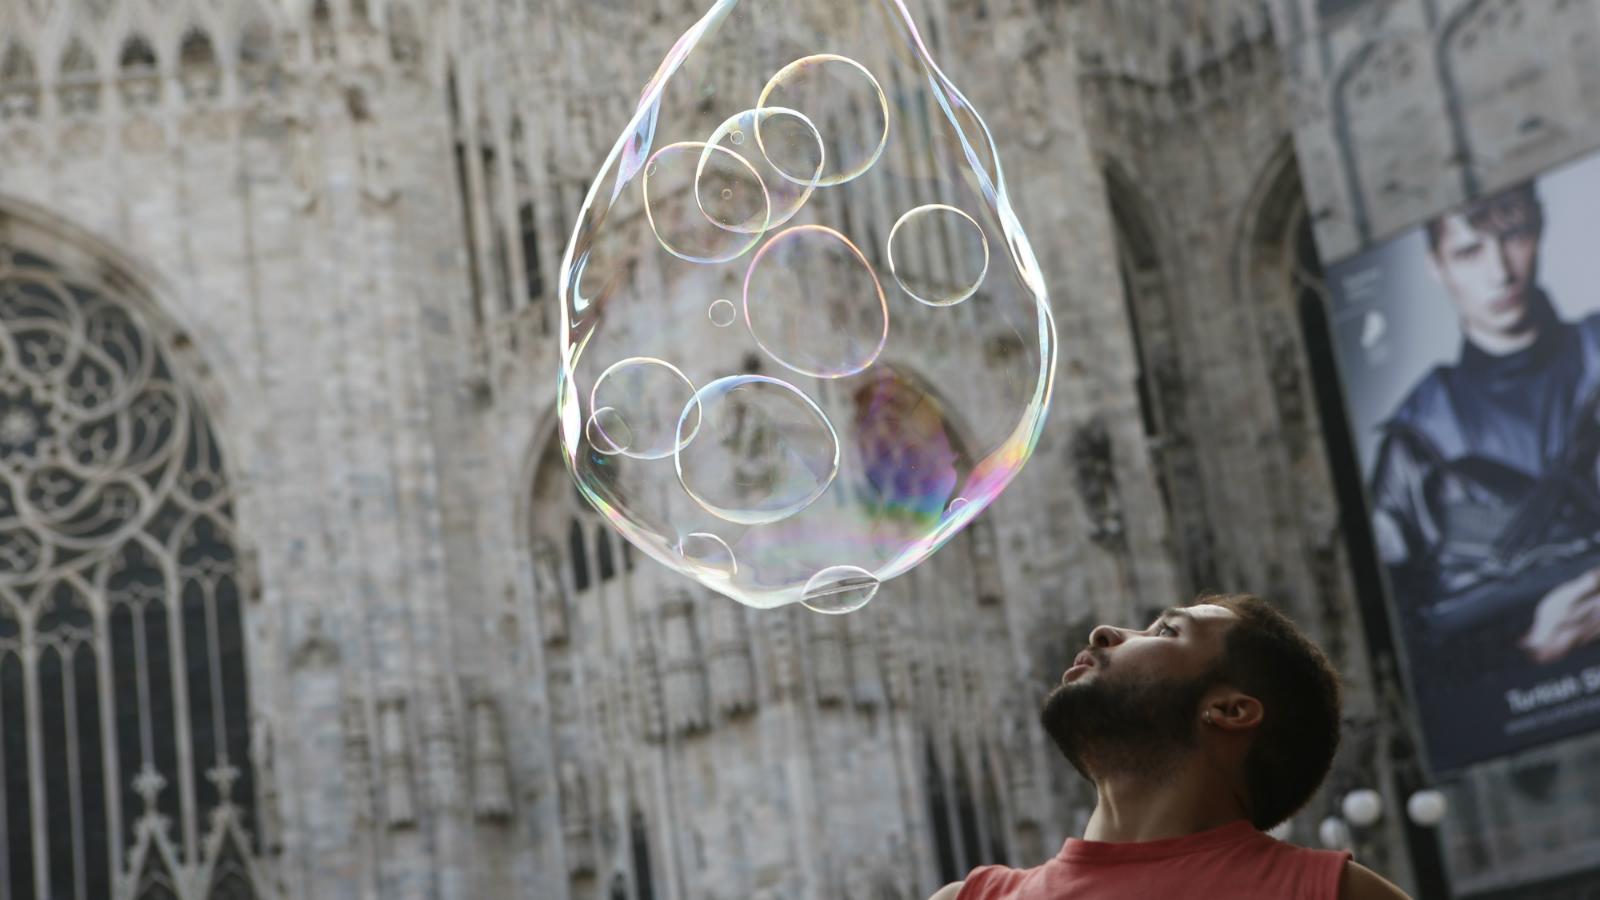 Bubble-tinyowl-burst